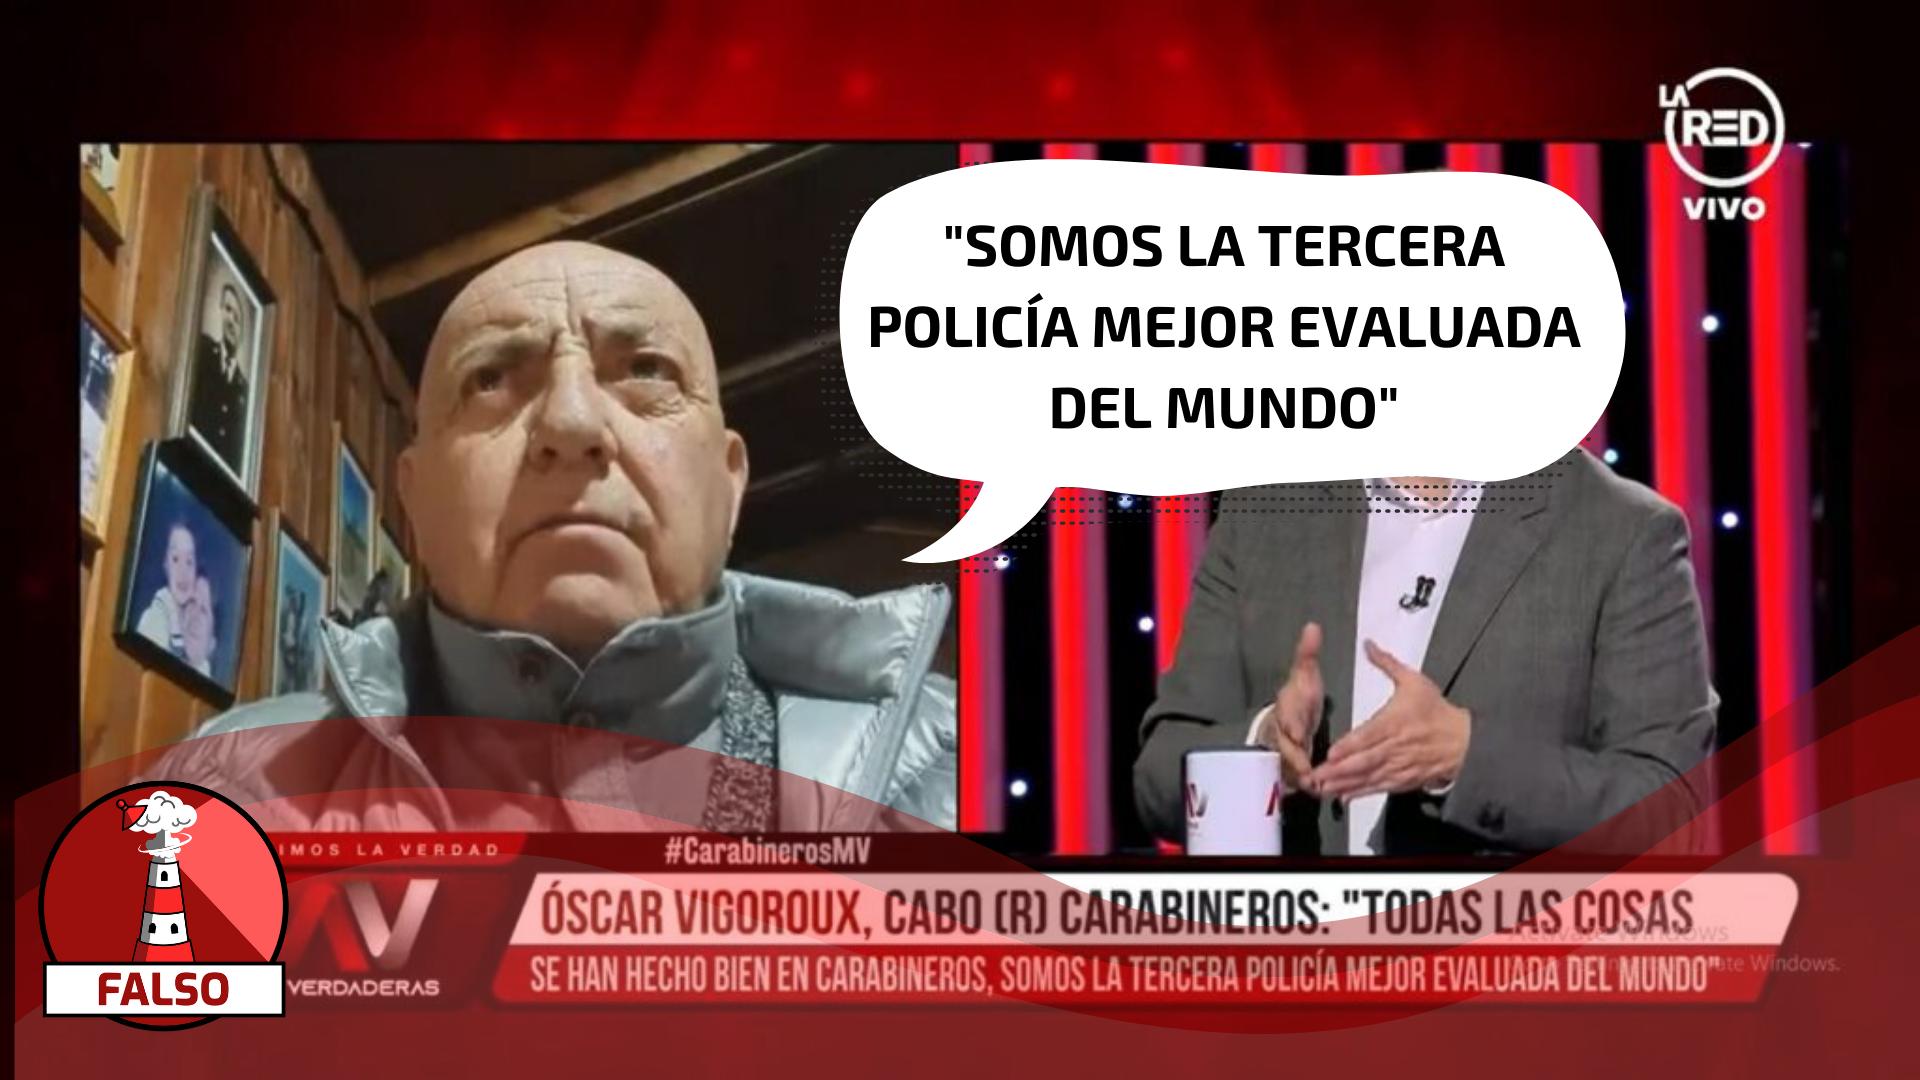 """Read more about the article """"Somos la tercera policía mejor evaluada del mundo"""": #Falso"""